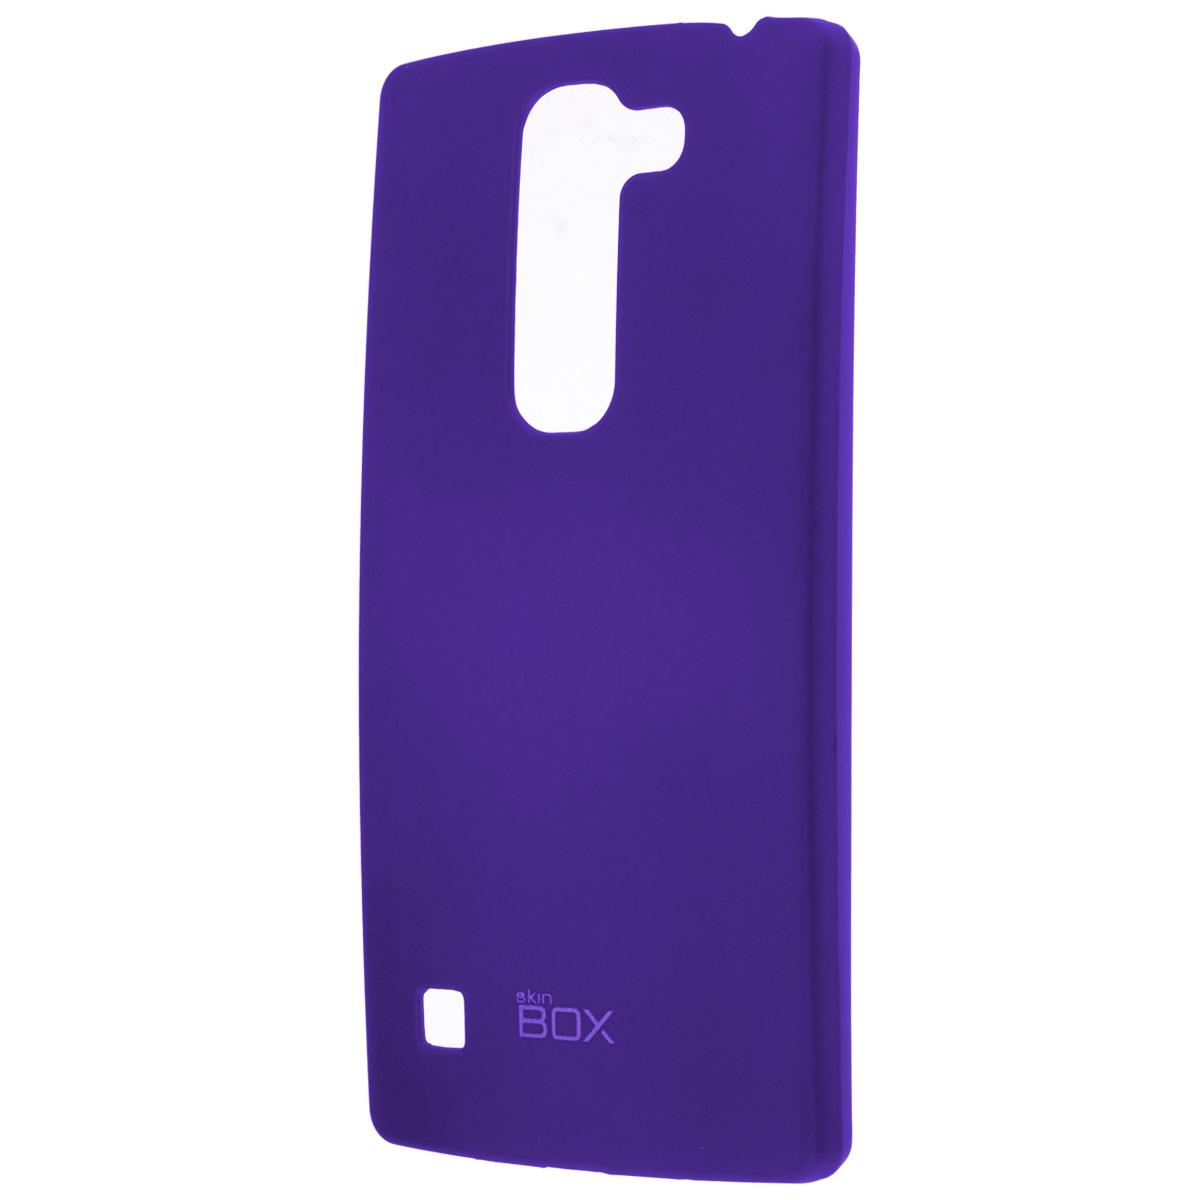 Skinbox Shield 4People чехол для LG Spirit, BlueT-S-LS-002Накладка Skinbox Shield 4People для LG Spirit - отличный аксессуар для защиты корпуса вашего смартфона от внешних повреждений, сохраняющий размеры устройства и обеспечивающий удобство работы с ним. Устойчивый к истиранию пластик надежно амортизирует мелкие механические воздействия и предотвращает появление царапин или потертостей на корпусе вашего гаджета. В комплект также входит защитная пленка для экрана смартфона.